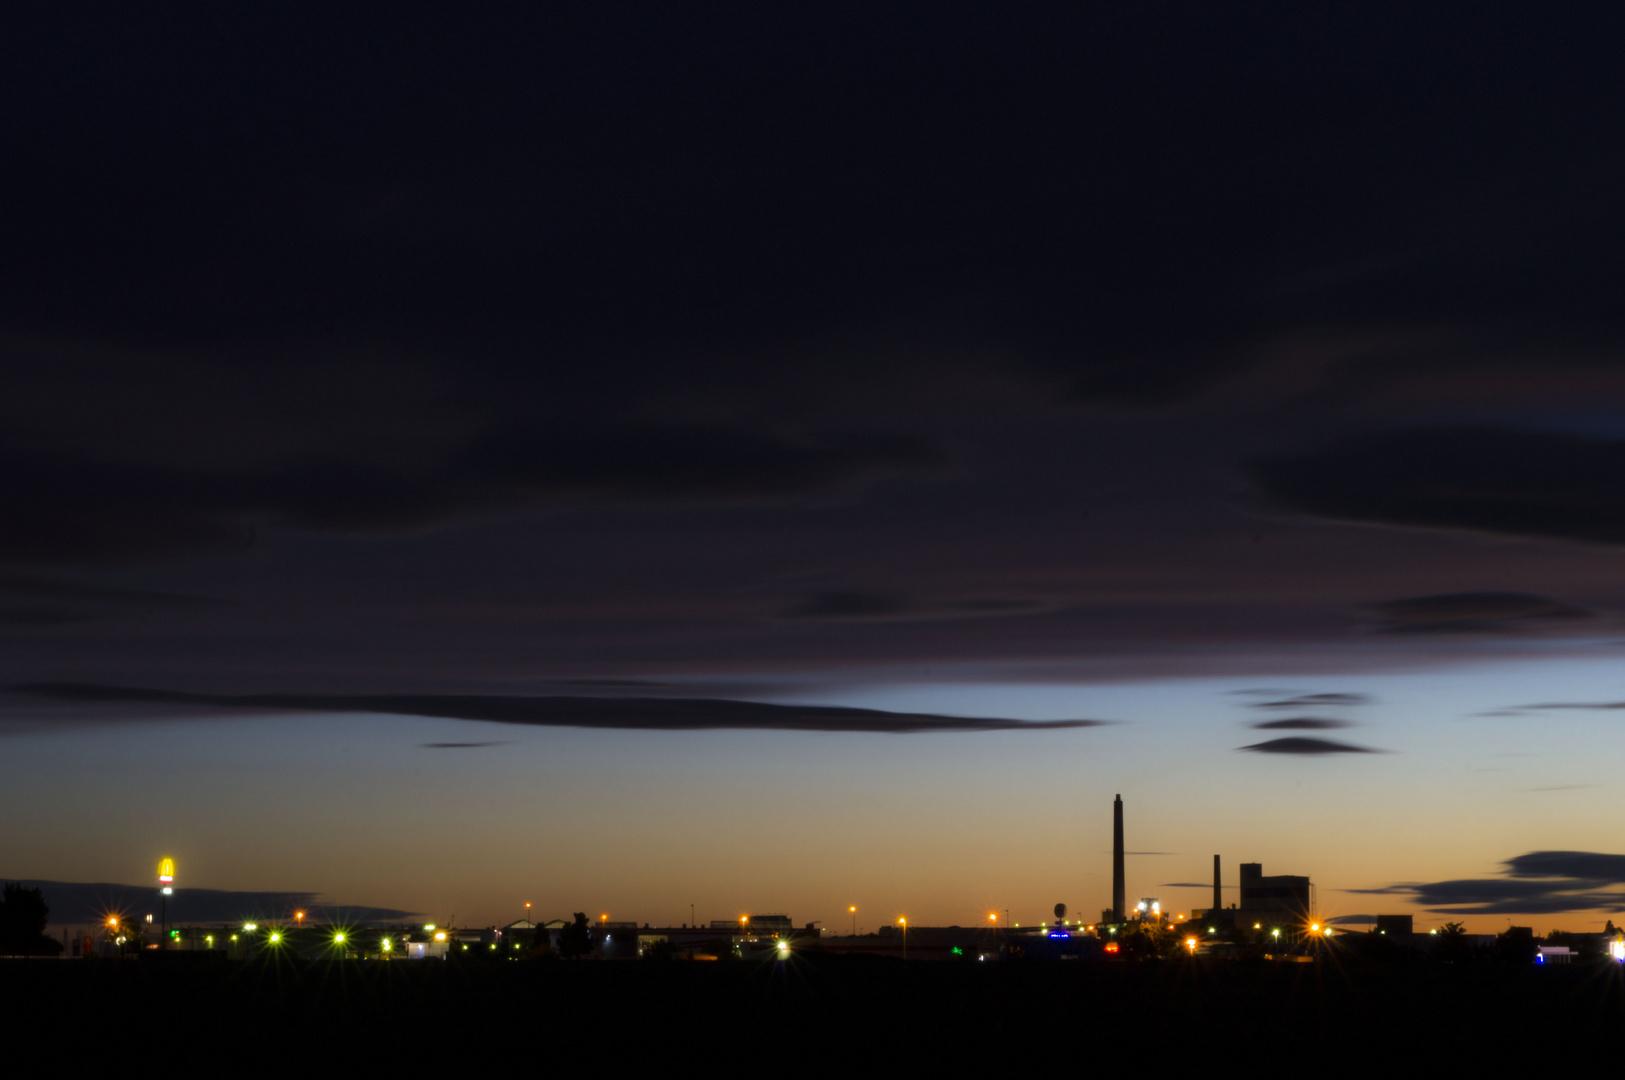 Wolken in der Abenddämmerung und Straßenbeleuchtung